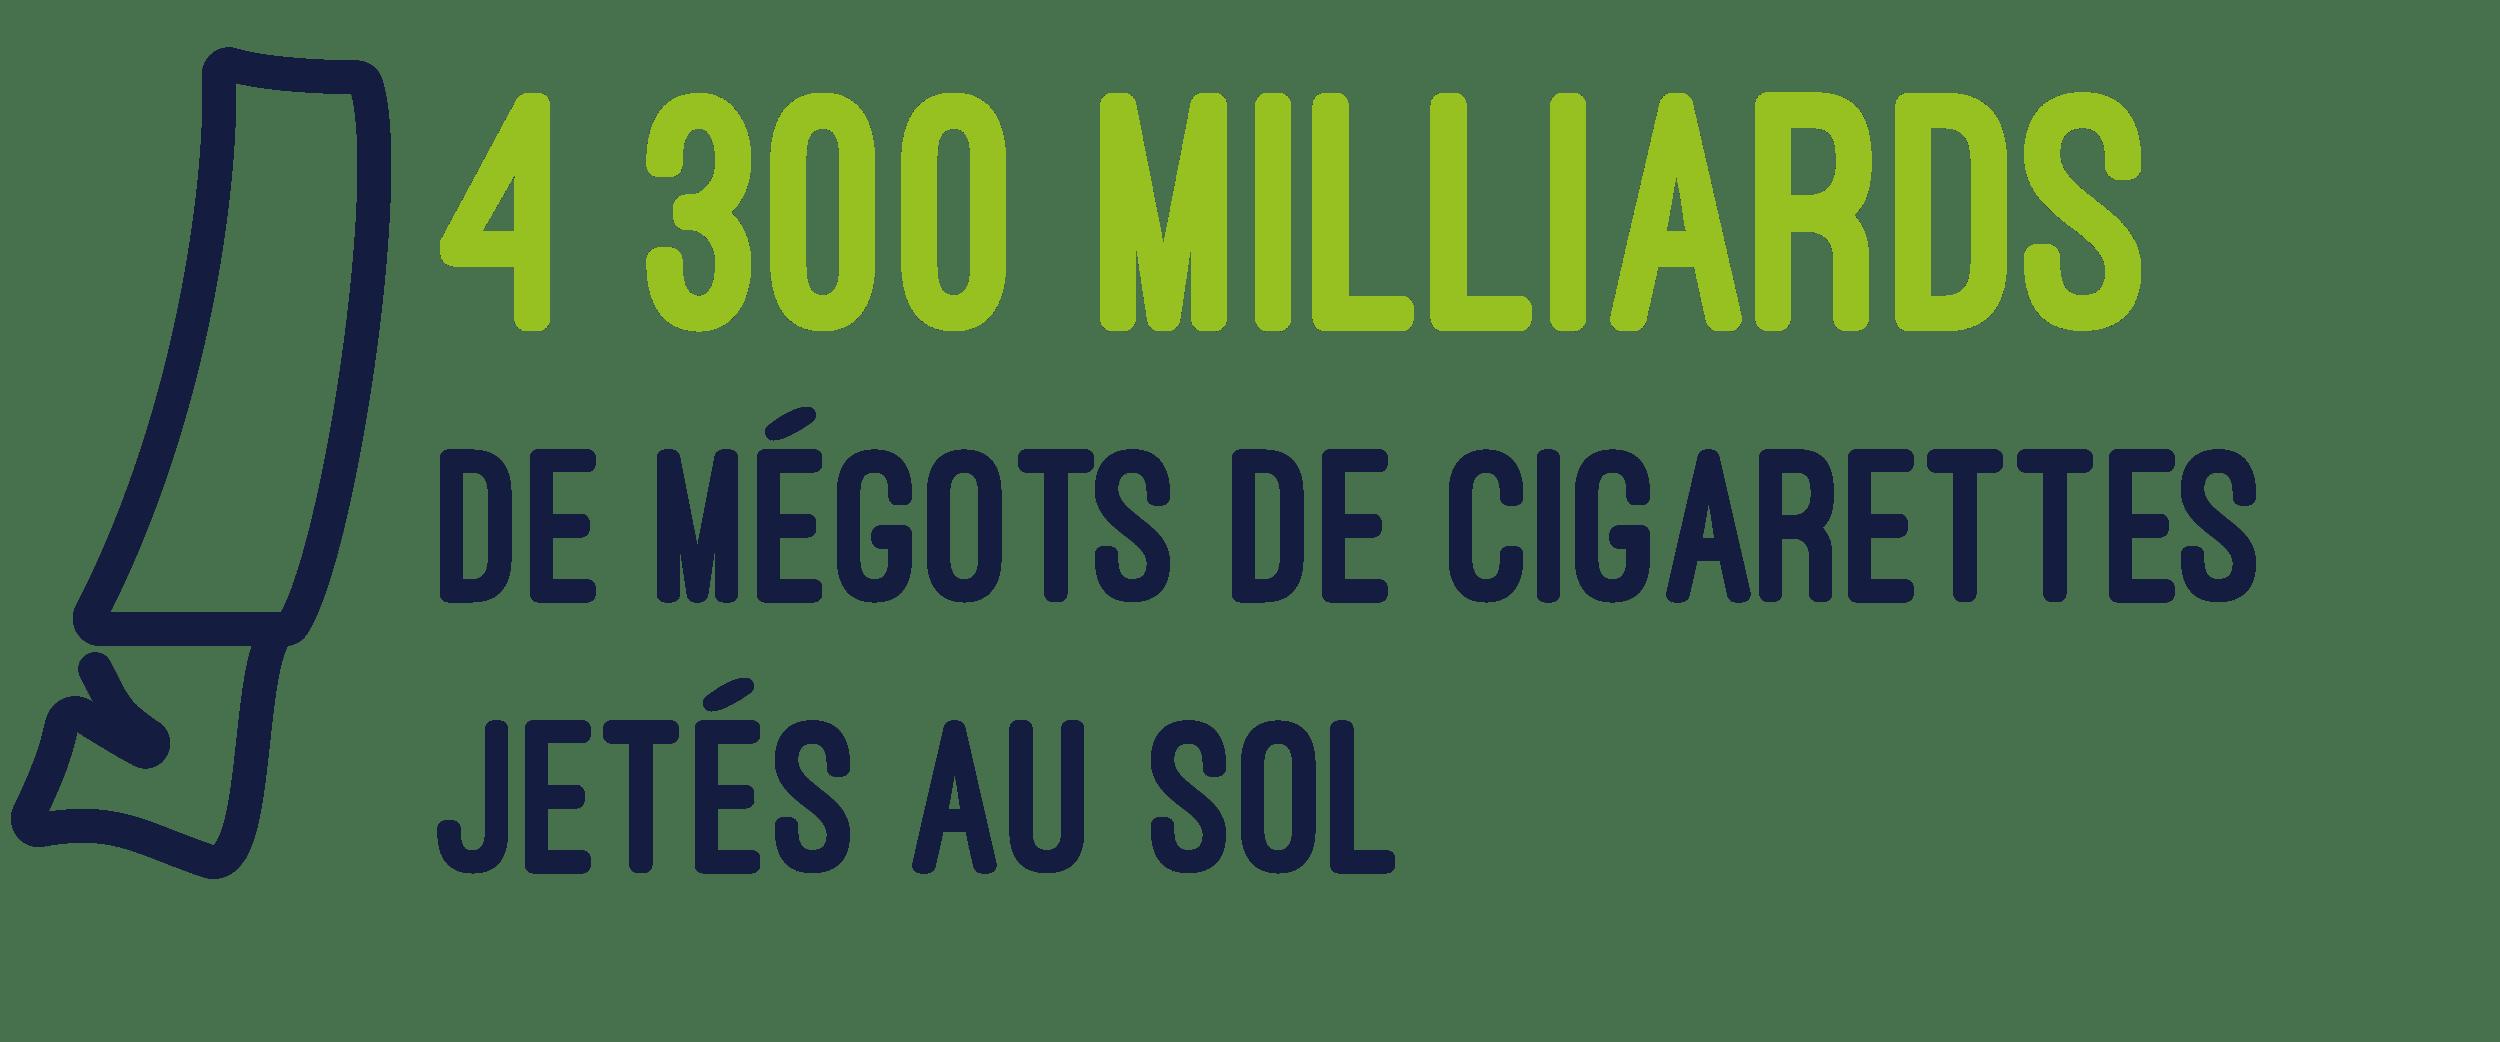 4 300 milliards de mégots jetés au sol